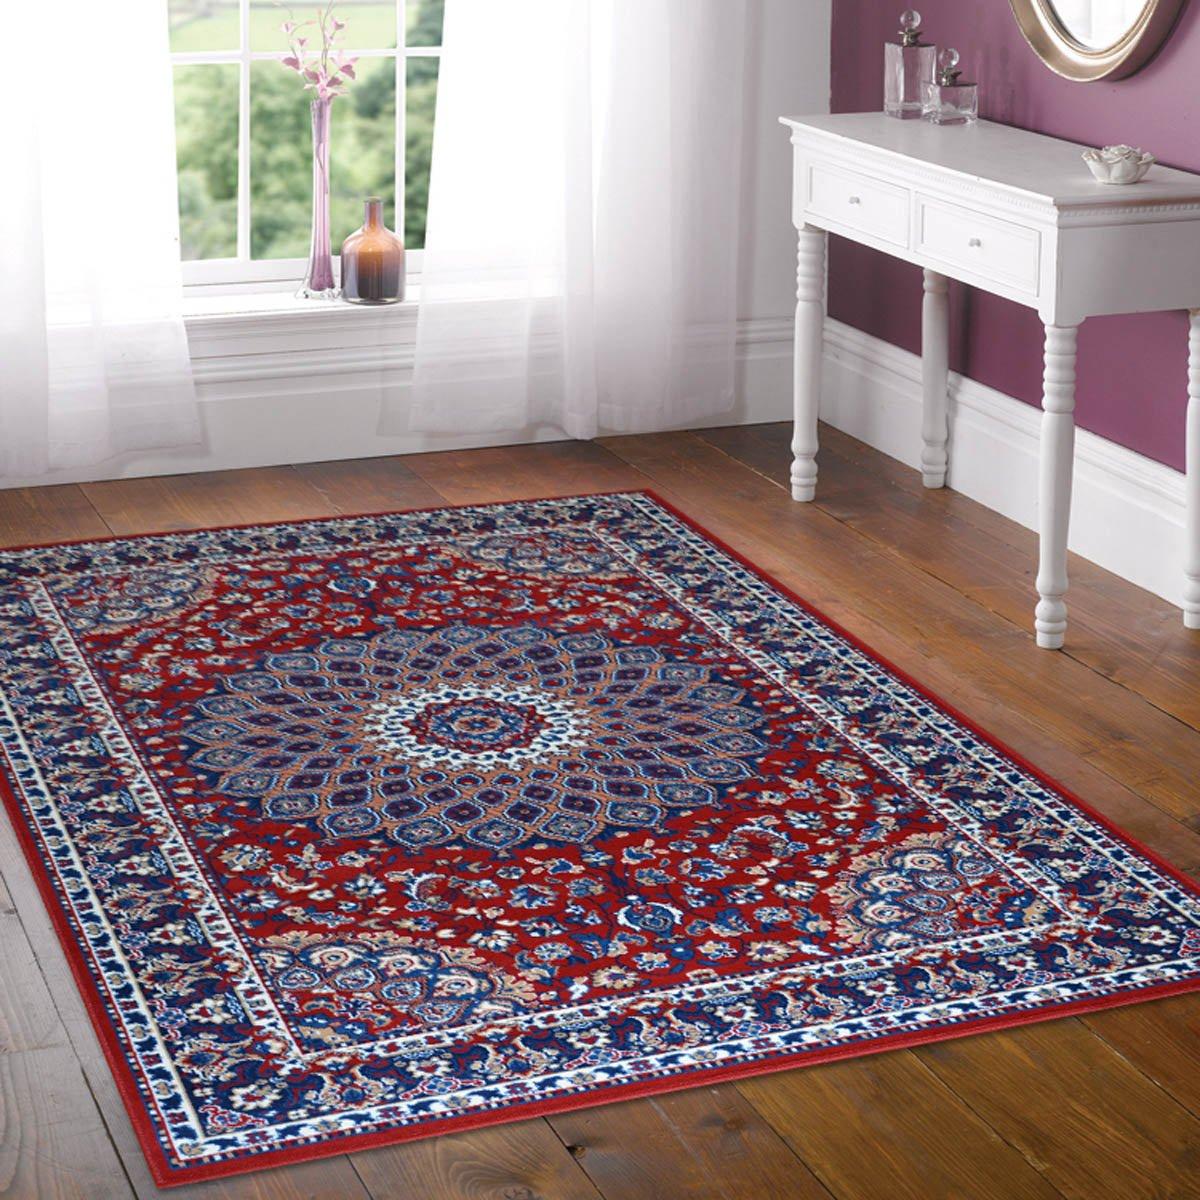 Rouge 1 pz Webtappeti 2pz Tapis motif classique persan cm.55x105 rouge cm.70x130 Royal Shiraz 2082-Red